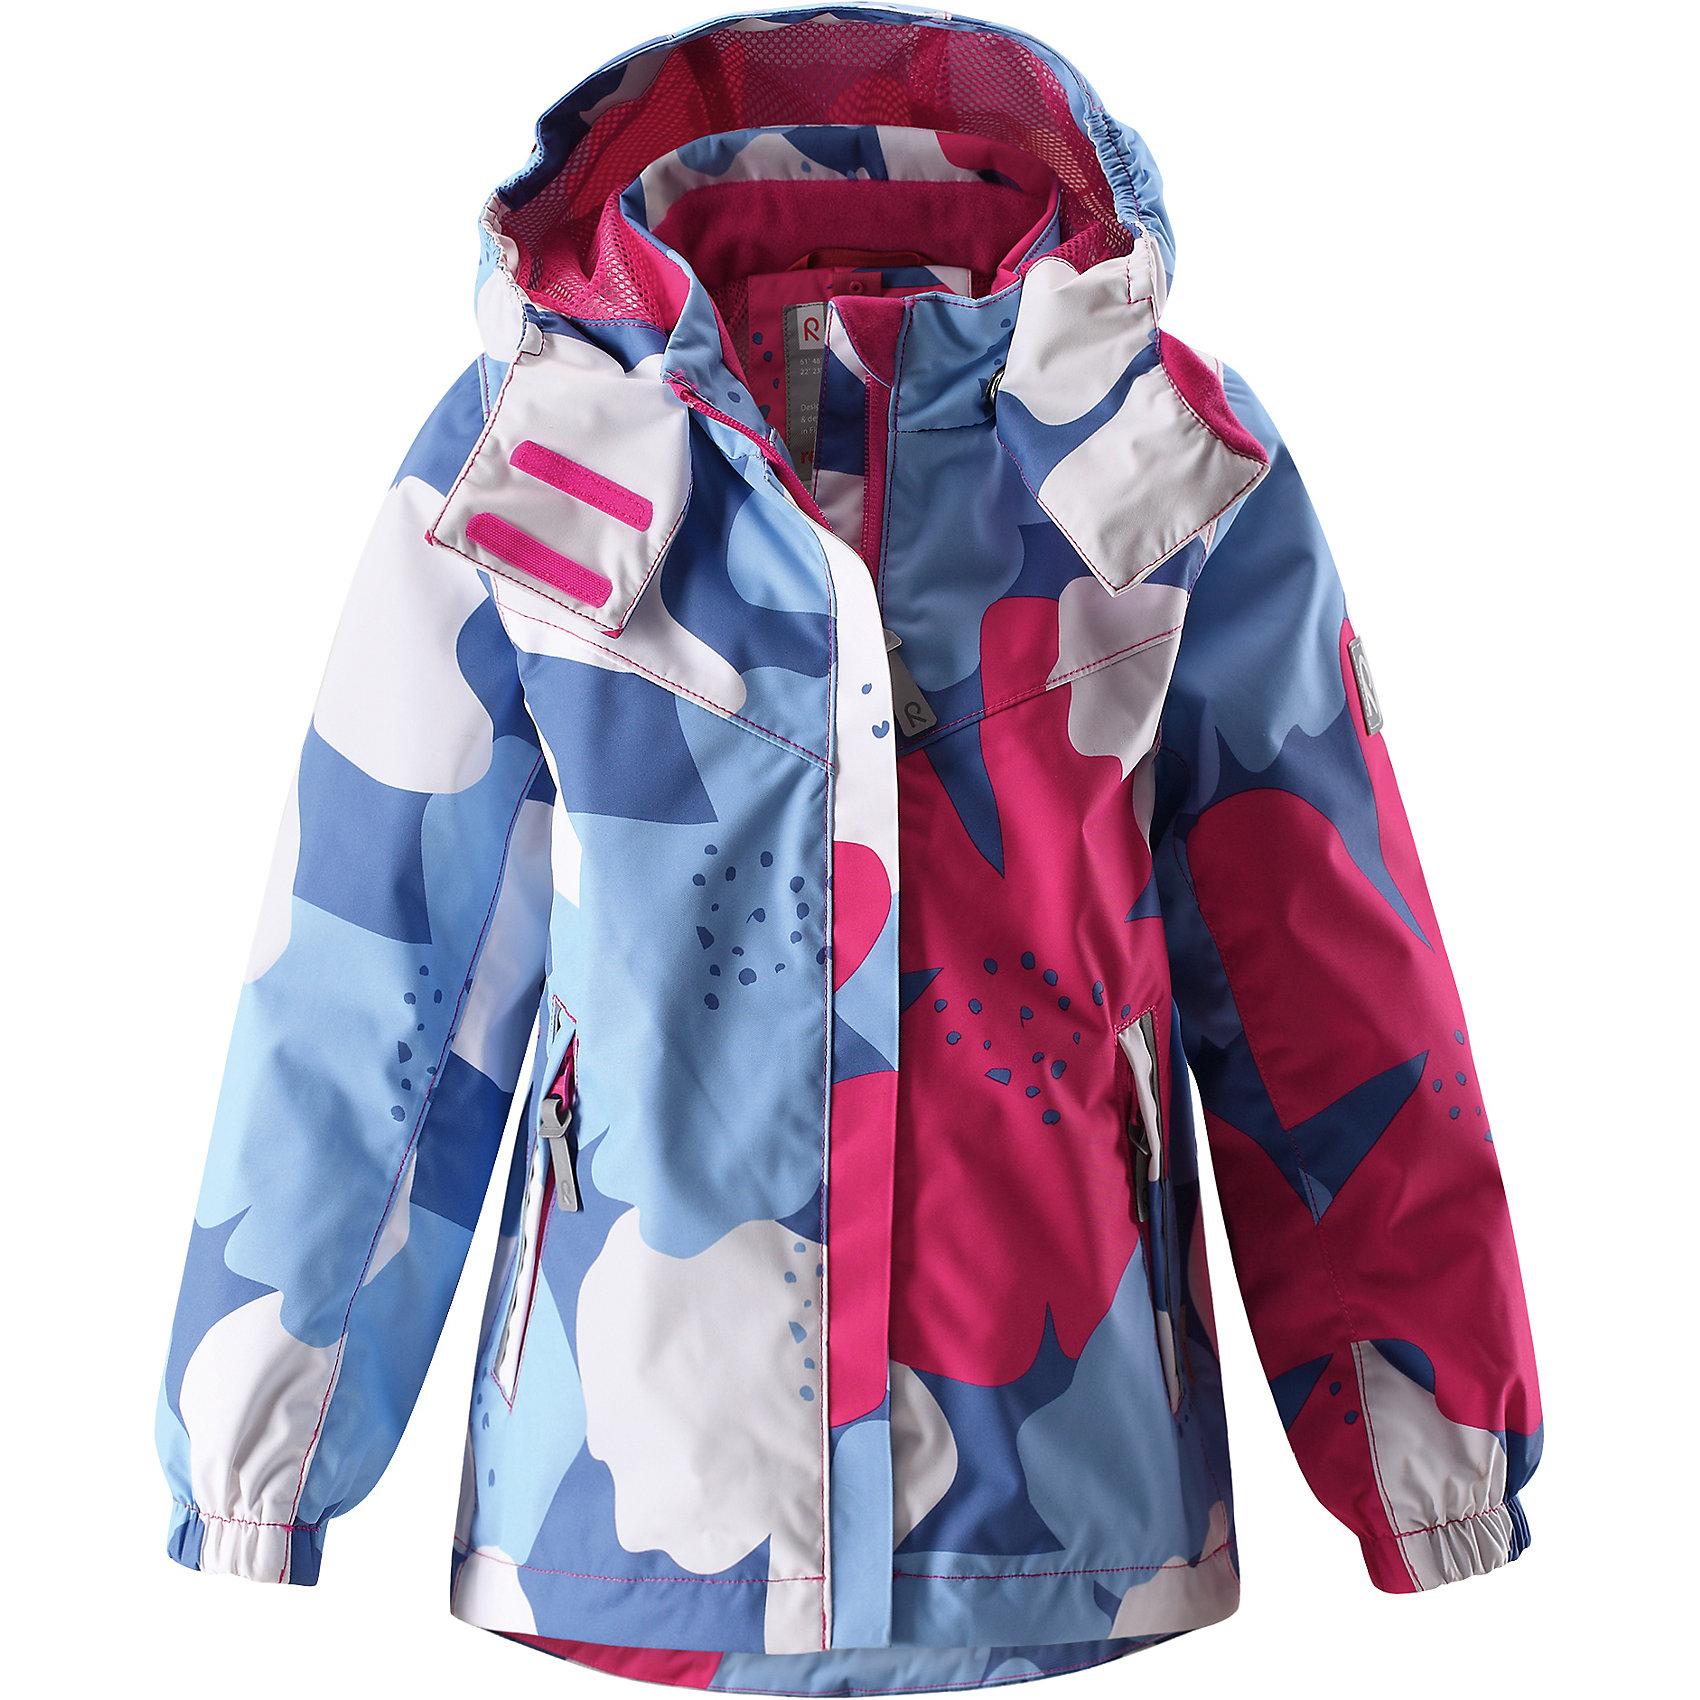 Куртка Tuuli для девочки Reimatec® ReimaХарактеристики товара:<br><br>• цвет: голубой/розовый<br>• состав: 100% полиэстер, полиуретановое покрытие<br>• температурный режим: от +5° до +15°С<br>• водонепроницаемость: 10000 мм<br>• воздухопроницаемость: 5000 мм<br>• износостойкость: 40000 циклов (тест Мартиндейла)<br>• без утеплителя<br>• все швы в нижней части проклеены, водонепроницаемы<br>• водо- и ветронепроницаемый, дышащий, грязеотталкивающий материал<br>• подкладка из mesh-сетки<br>• безопасный съёмный и регулируемый капюшон<br>• эластичные манжеты<br>• регулируемый подол <br>• внутренний нагрудный карман<br>• два кармана на молнии<br>• светоотражающие детали<br>• комфортная посадка<br>• страна производства: Китай<br>• страна бренда: Финляндия<br>• коллекция: весна-лето 2017<br><br>В межсезонье верхняя одежда для детей может быть модной и комфортной одновременно! Демисезонная куртка поможет обеспечить ребенку комфорт и тепло. Она отлично смотрится с различной одеждой и обувью. Изделие удобно сидит и модно выглядит. Материал - прочный, хорошо подходящий для межсезонья, водо- и ветронепроницаемый, «дышащий». Стильный дизайн разрабатывался специально для детей.<br><br>Одежда и обувь от финского бренда Reima пользуется популярностью во многих странах. Эти изделия стильные, качественные и удобные. Для производства продукции используются только безопасные, проверенные материалы и фурнитура. Порадуйте ребенка модными и красивыми вещами от Reima! <br><br>Куртку для девочки Reimatec® от финского бренда Reima (Рейма) можно купить в нашем интернет-магазине.<br><br>Ширина мм: 356<br>Глубина мм: 10<br>Высота мм: 245<br>Вес г: 519<br>Цвет: синий<br>Возраст от месяцев: 84<br>Возраст до месяцев: 96<br>Пол: Женский<br>Возраст: Детский<br>Размер: 128,134,104,140,110,116,122<br>SKU: 5270525